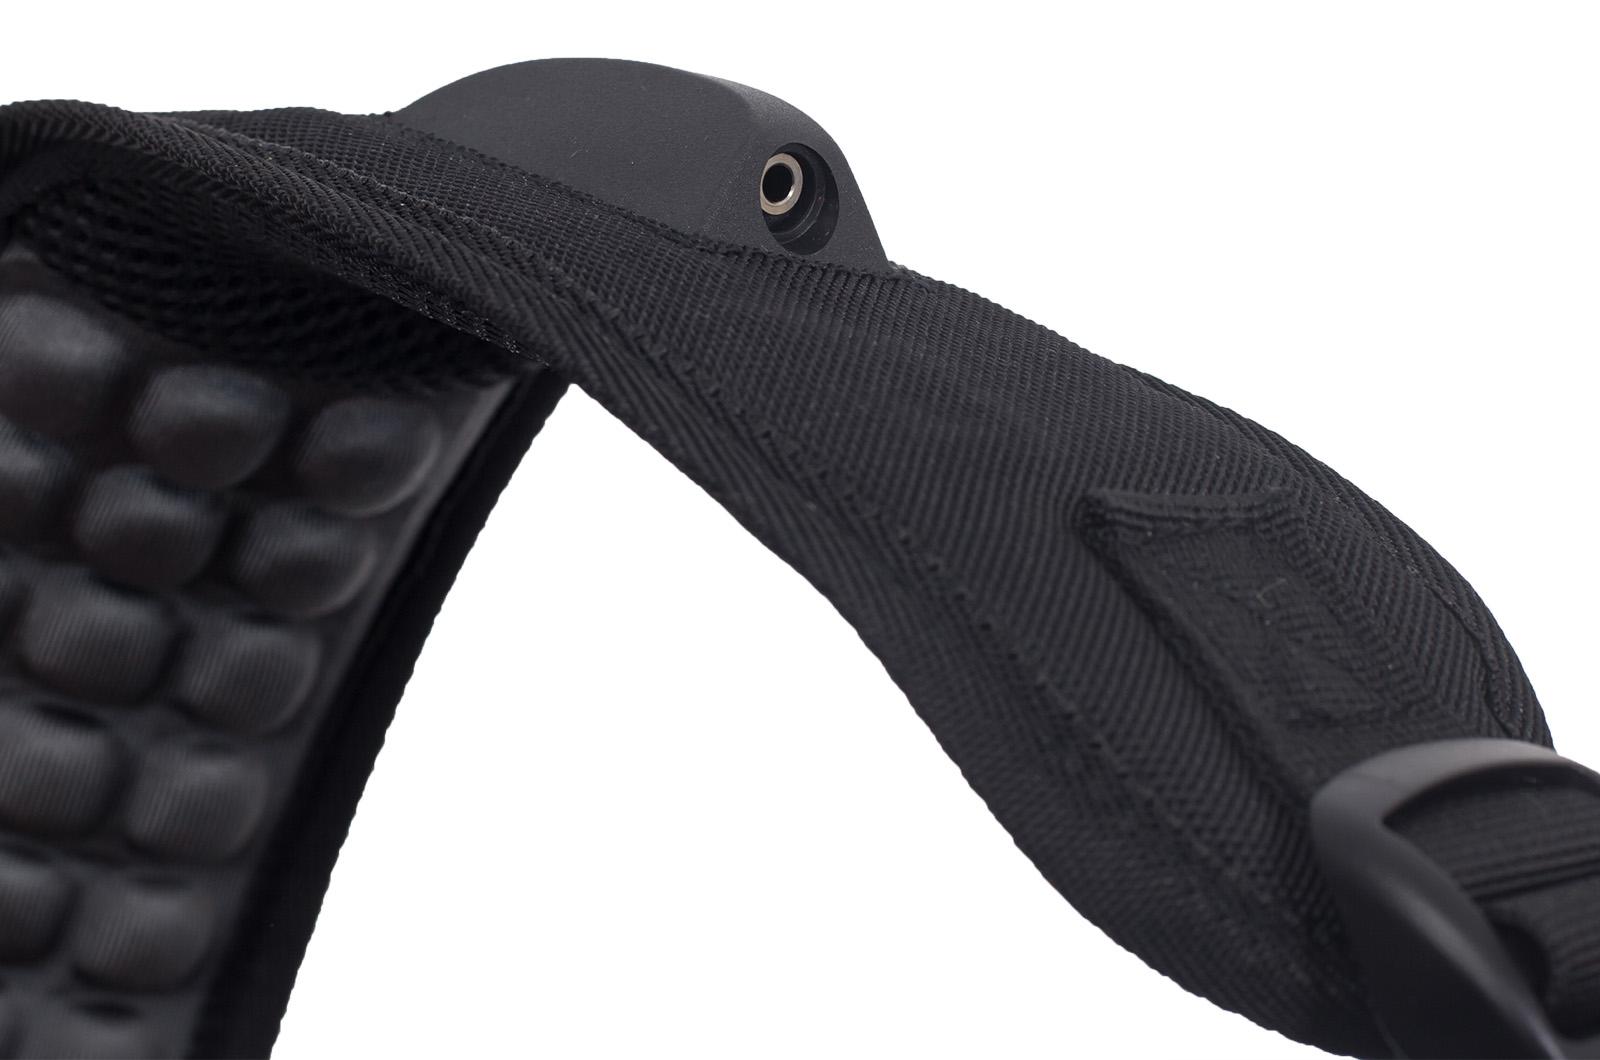 Удобный черный рюкзак с военной нашивкой Погранслужбы - заказать в подарок